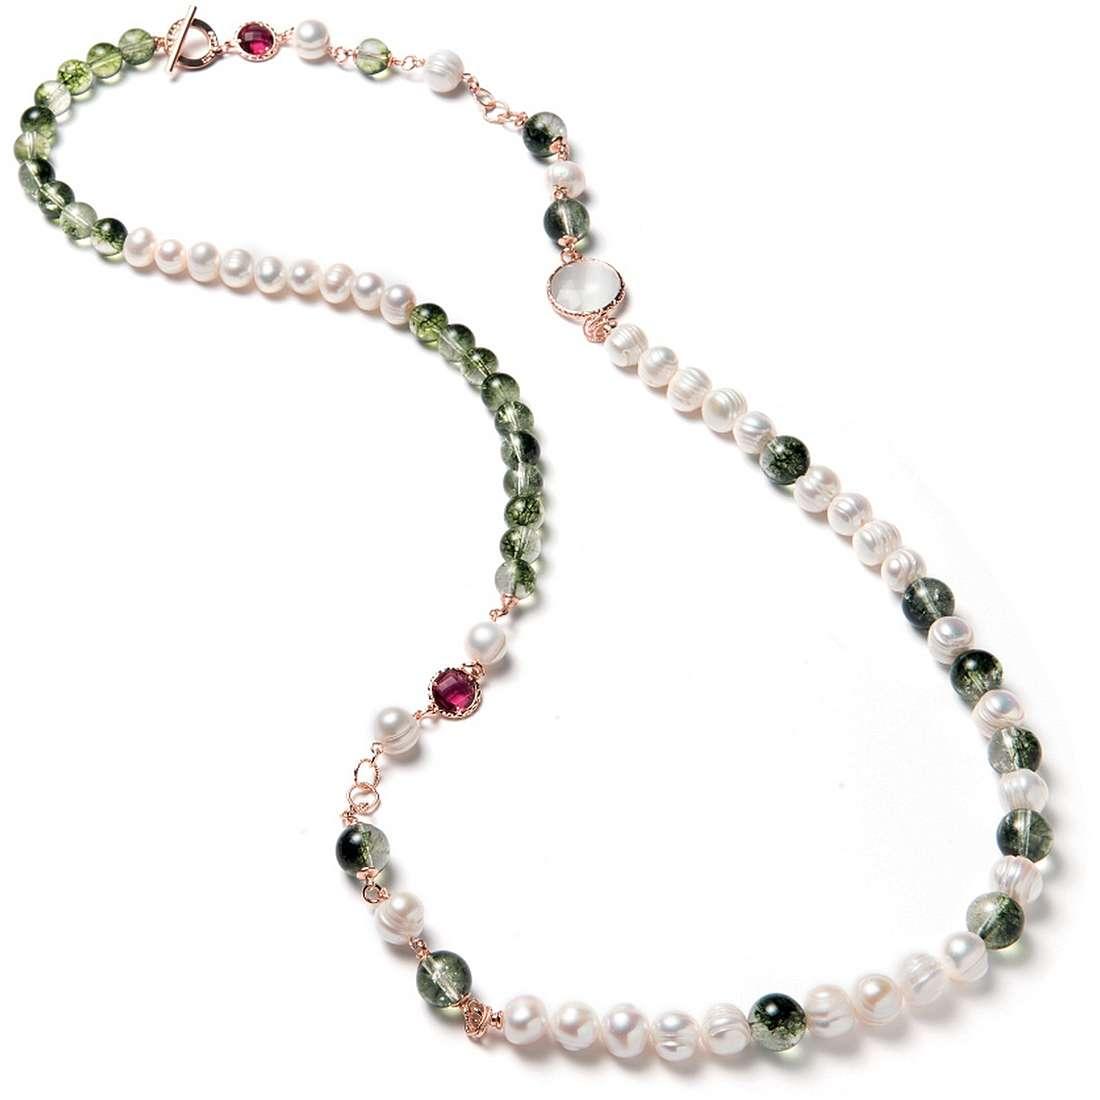 migliore a buon mercato 7a67a 65fac Collana Di Perle Di Sovrani Da Donna J3976 collane Sovrani